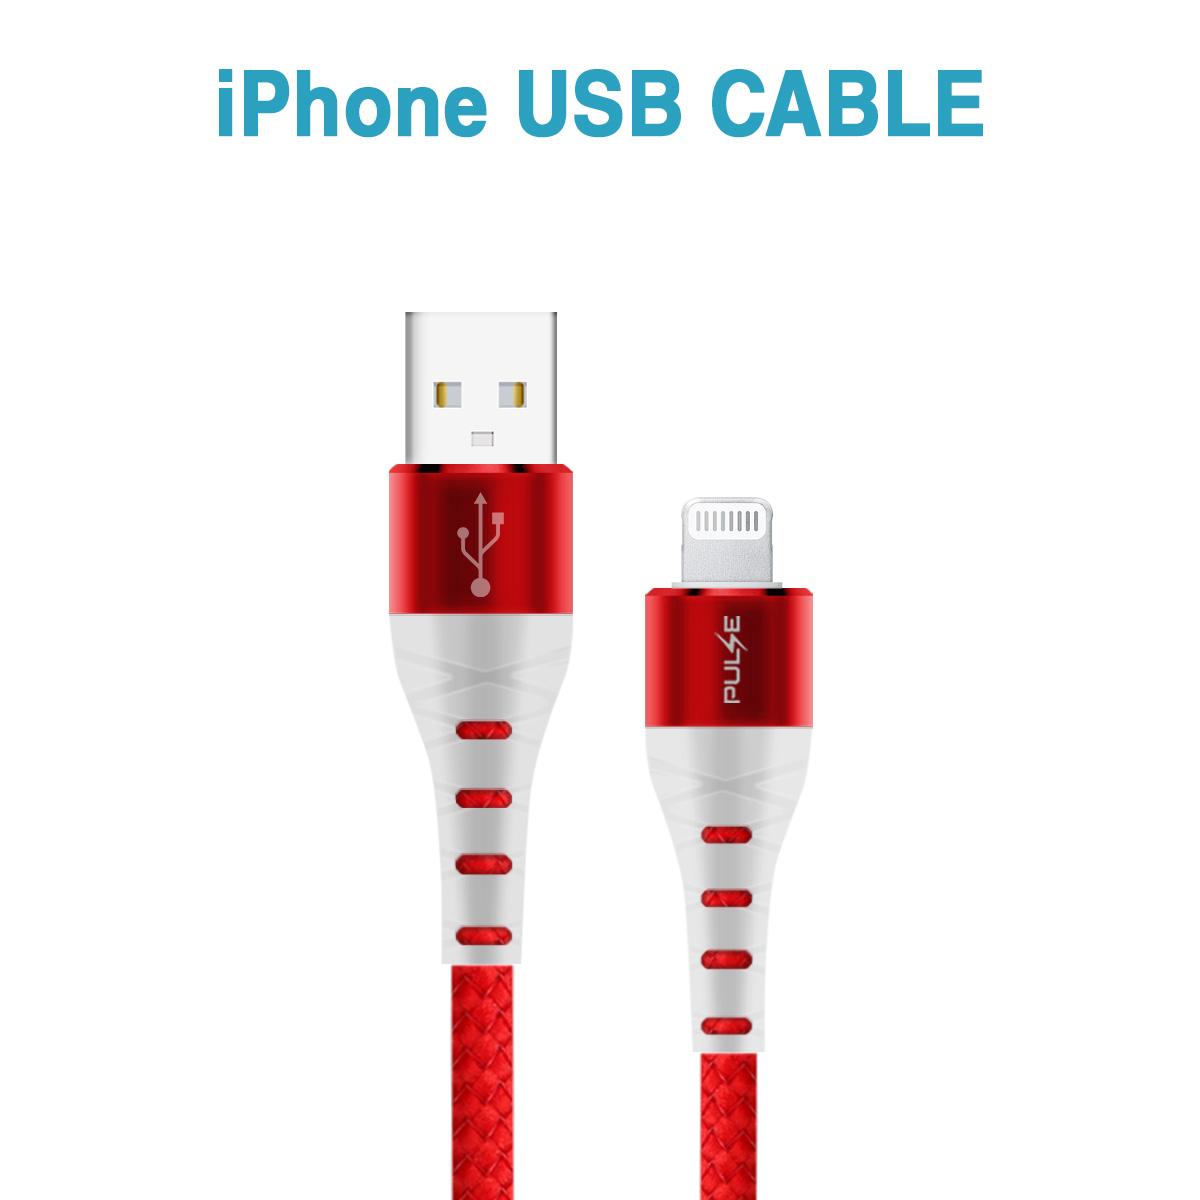 5F-10022-NL-USB-IP-RD